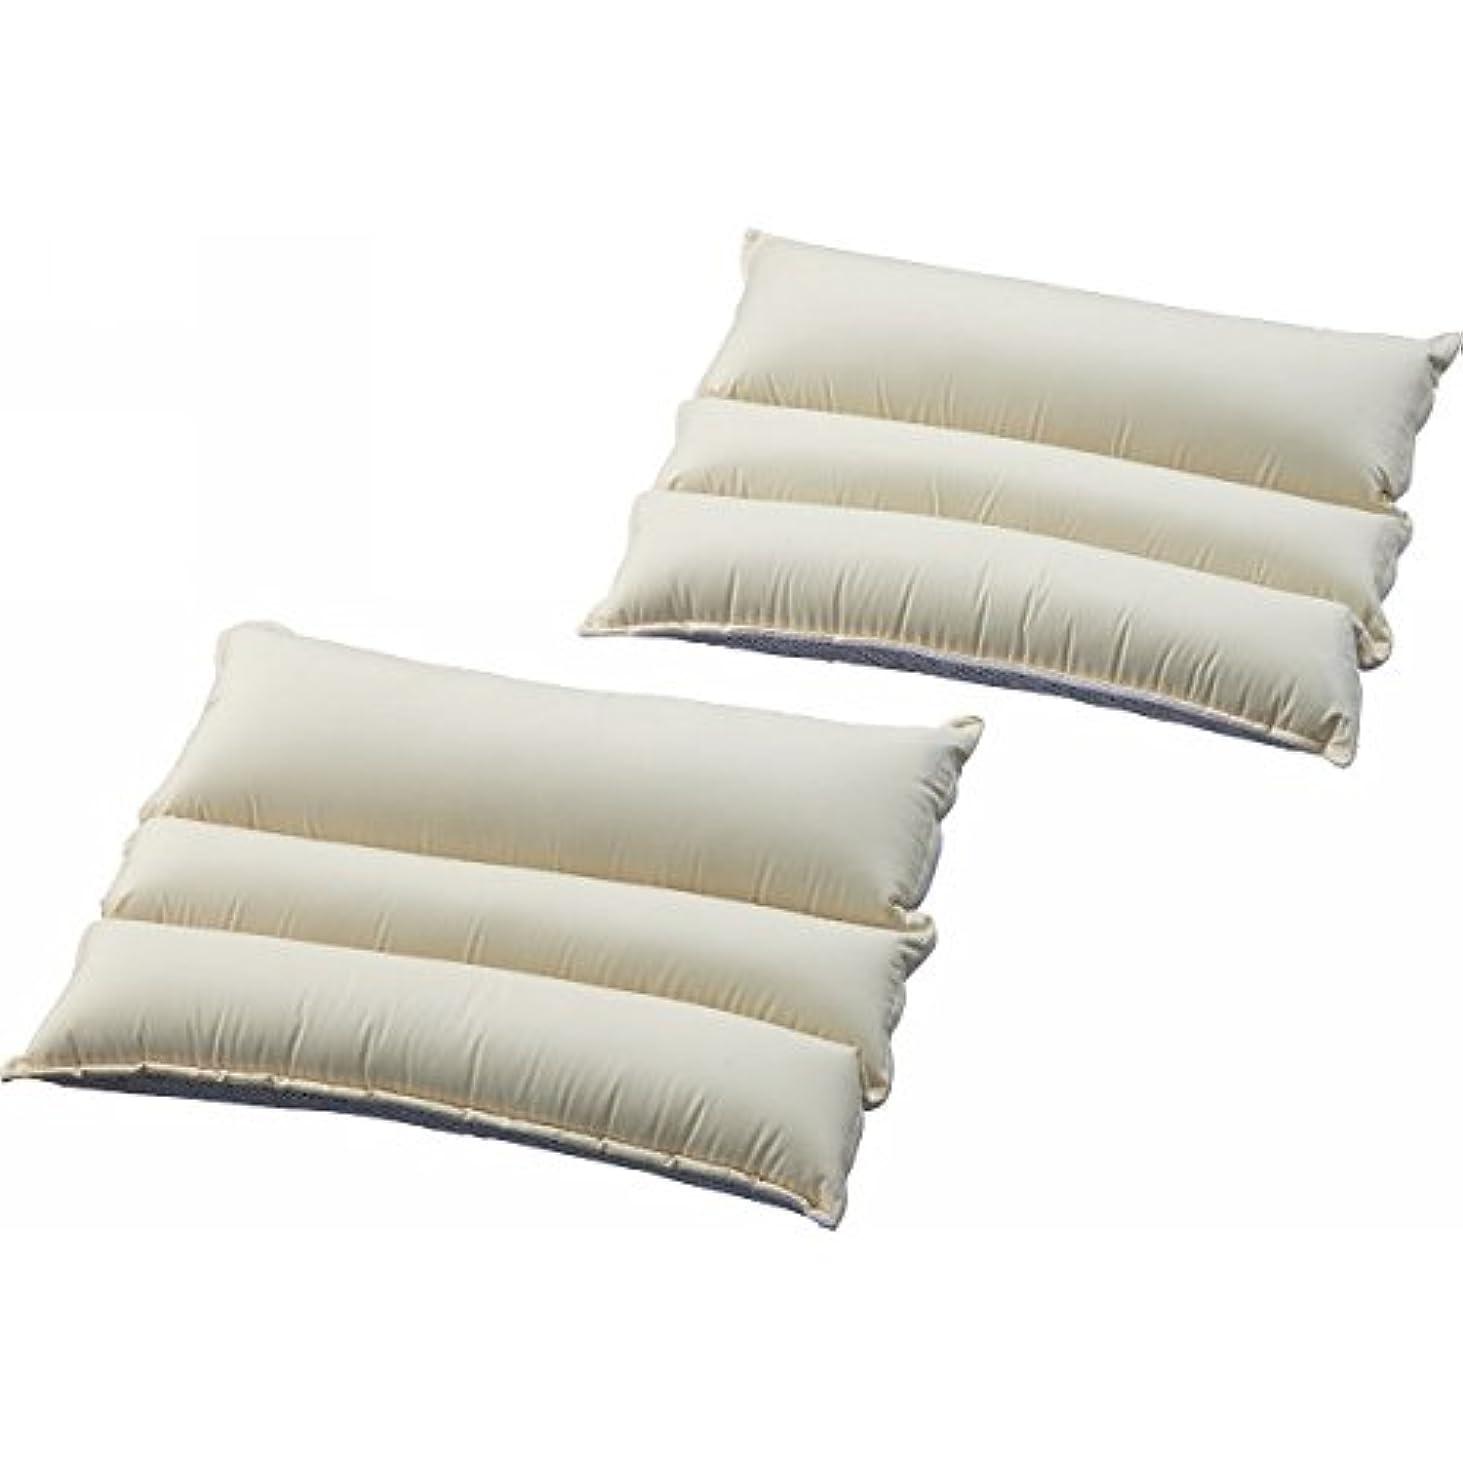 担保尊厳打撃アストロ パイプ枕 2個 ホワイト 高さ調整可能 331-23